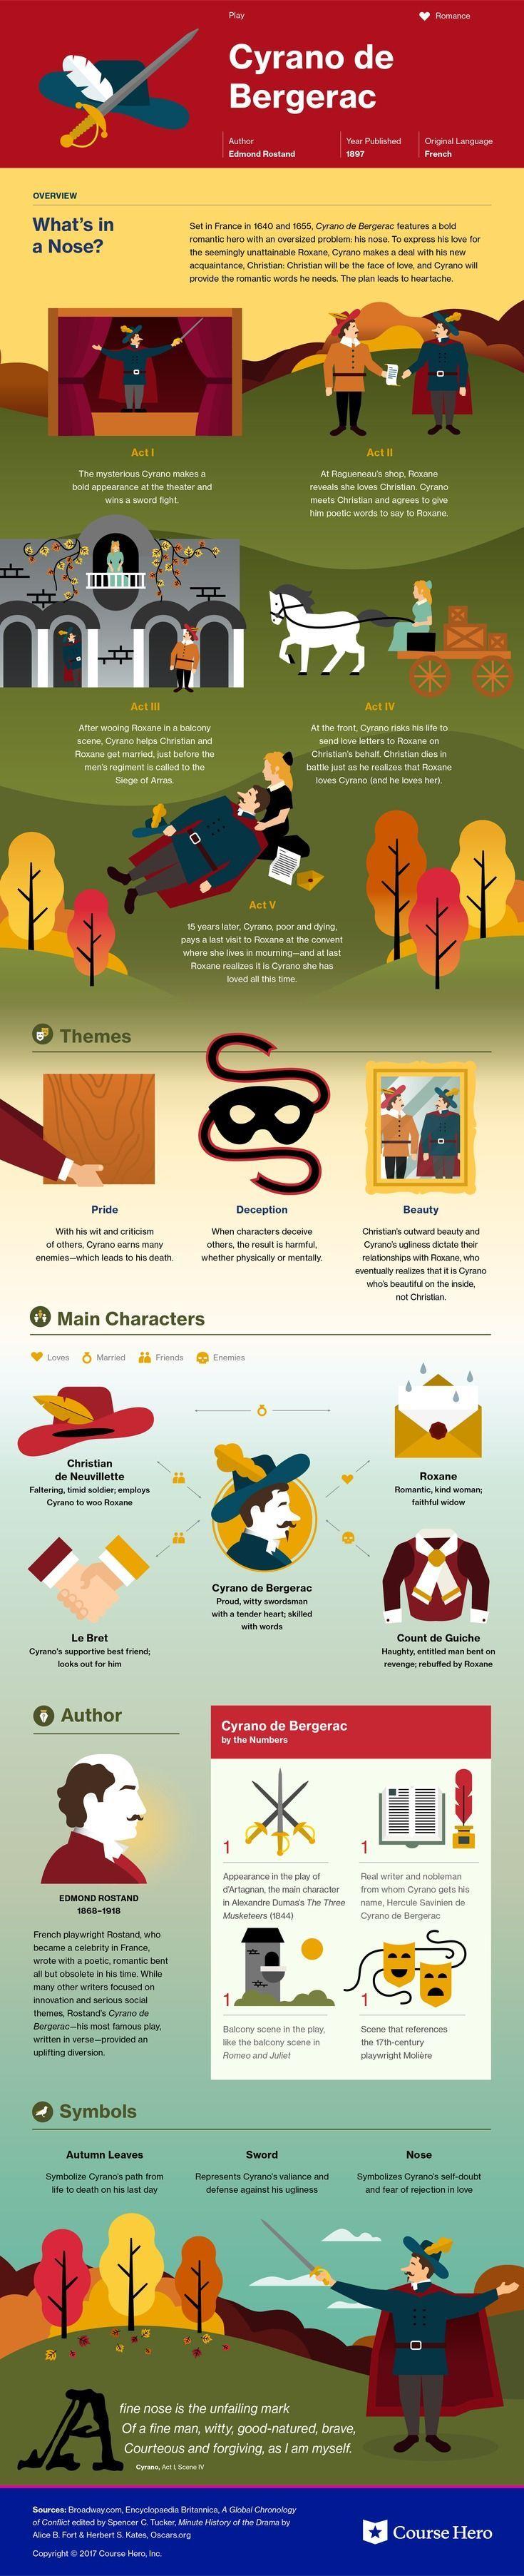 Edmond Rostand's Cyrano de Bergerac Infographic | Course Hero:  https://www.coursehero.com/lit/Cyrano-de-Bergerac/